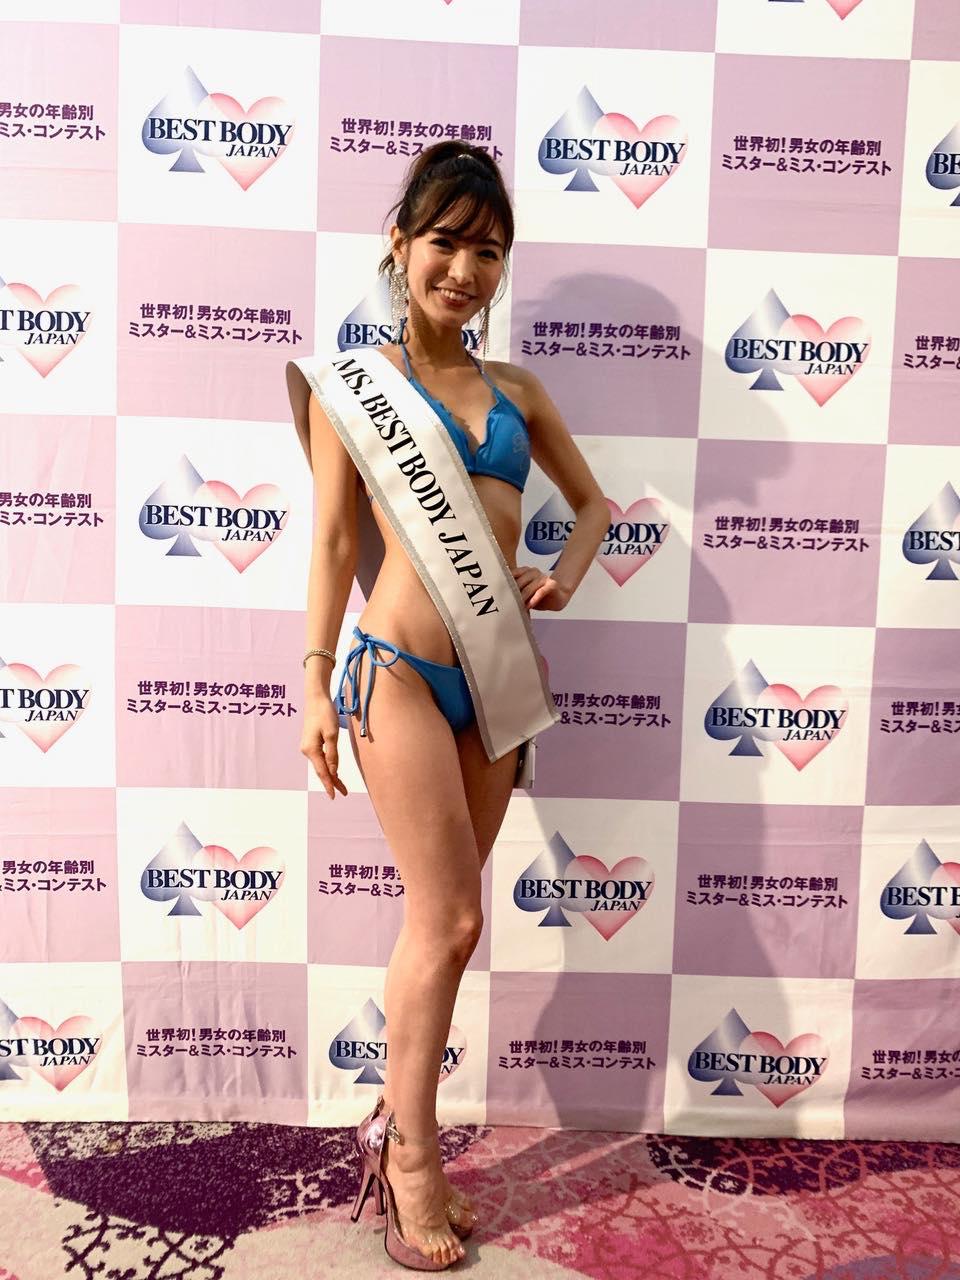 ほのか、日本最大級美ボディ大会で3位入賞!「くびれができて、色っぽいカラダになれた」【写真6枚】の画像004